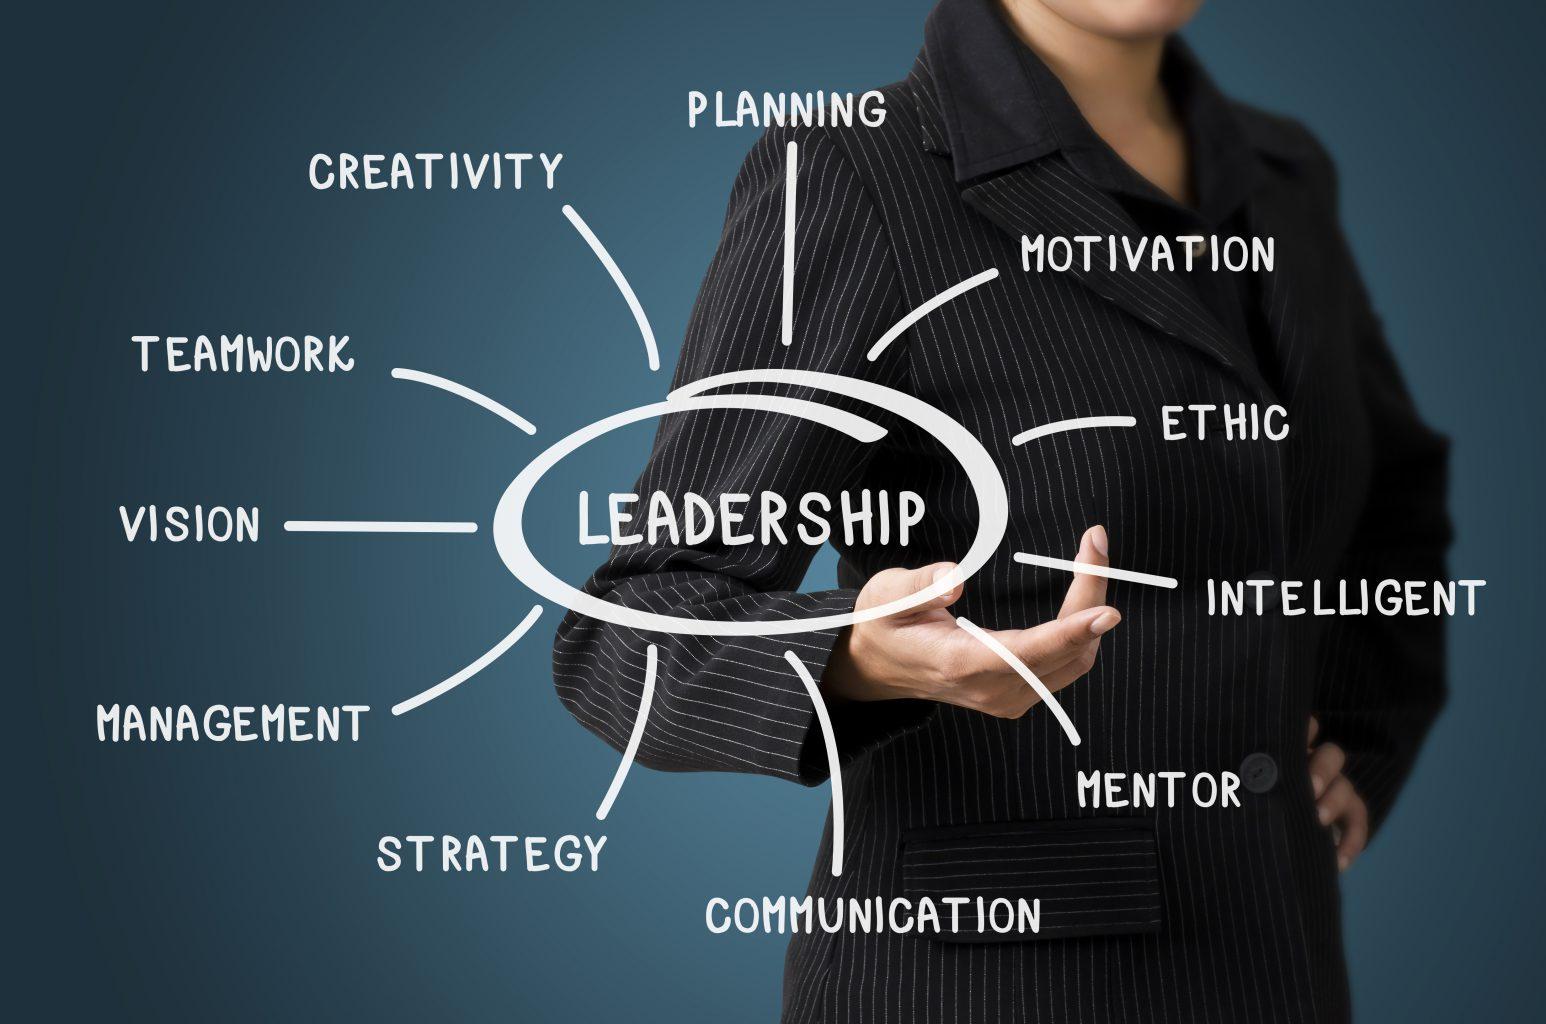 liderazgo-creatividad-inteligencia-ética